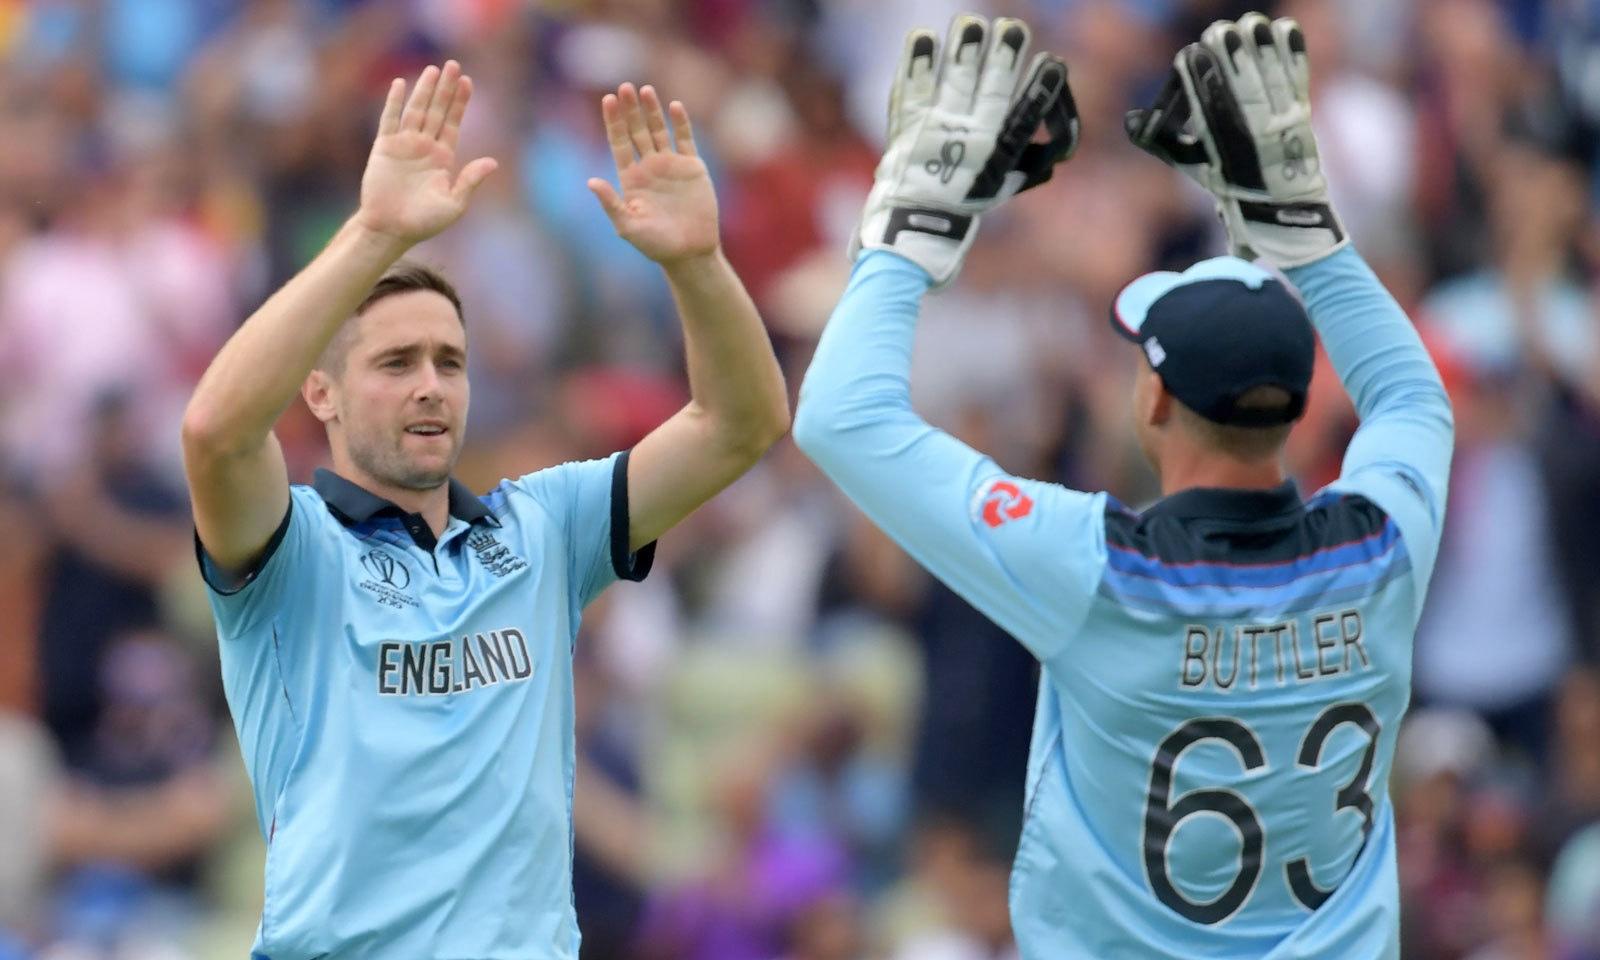 انگلینڈ کے کھلاڑی آسٹریلوی بلے باز کے آؤٹ ہونے کے بعد خوشی مناتے ہوئے — فوٹو: اے ایف پی